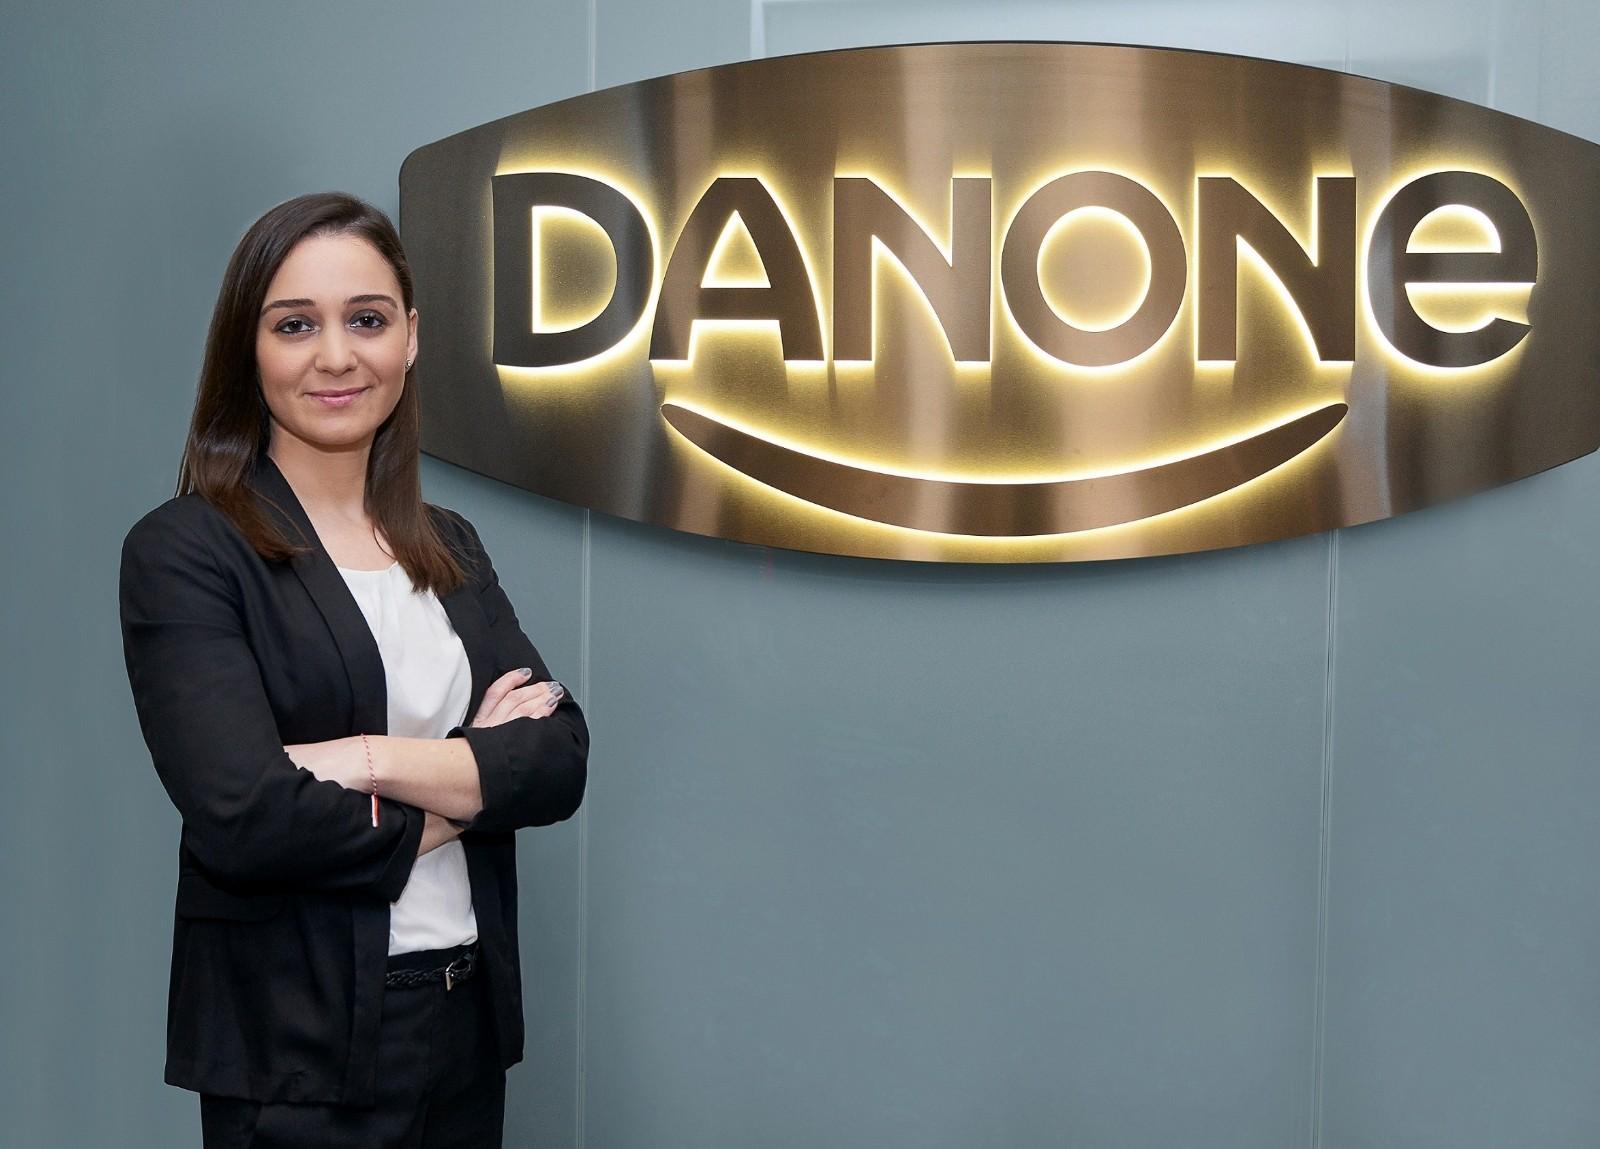 Danone Türkiye Sütlü Ürünler, Türkiye'nin En İyi İşverenleri arasında yerini aldı